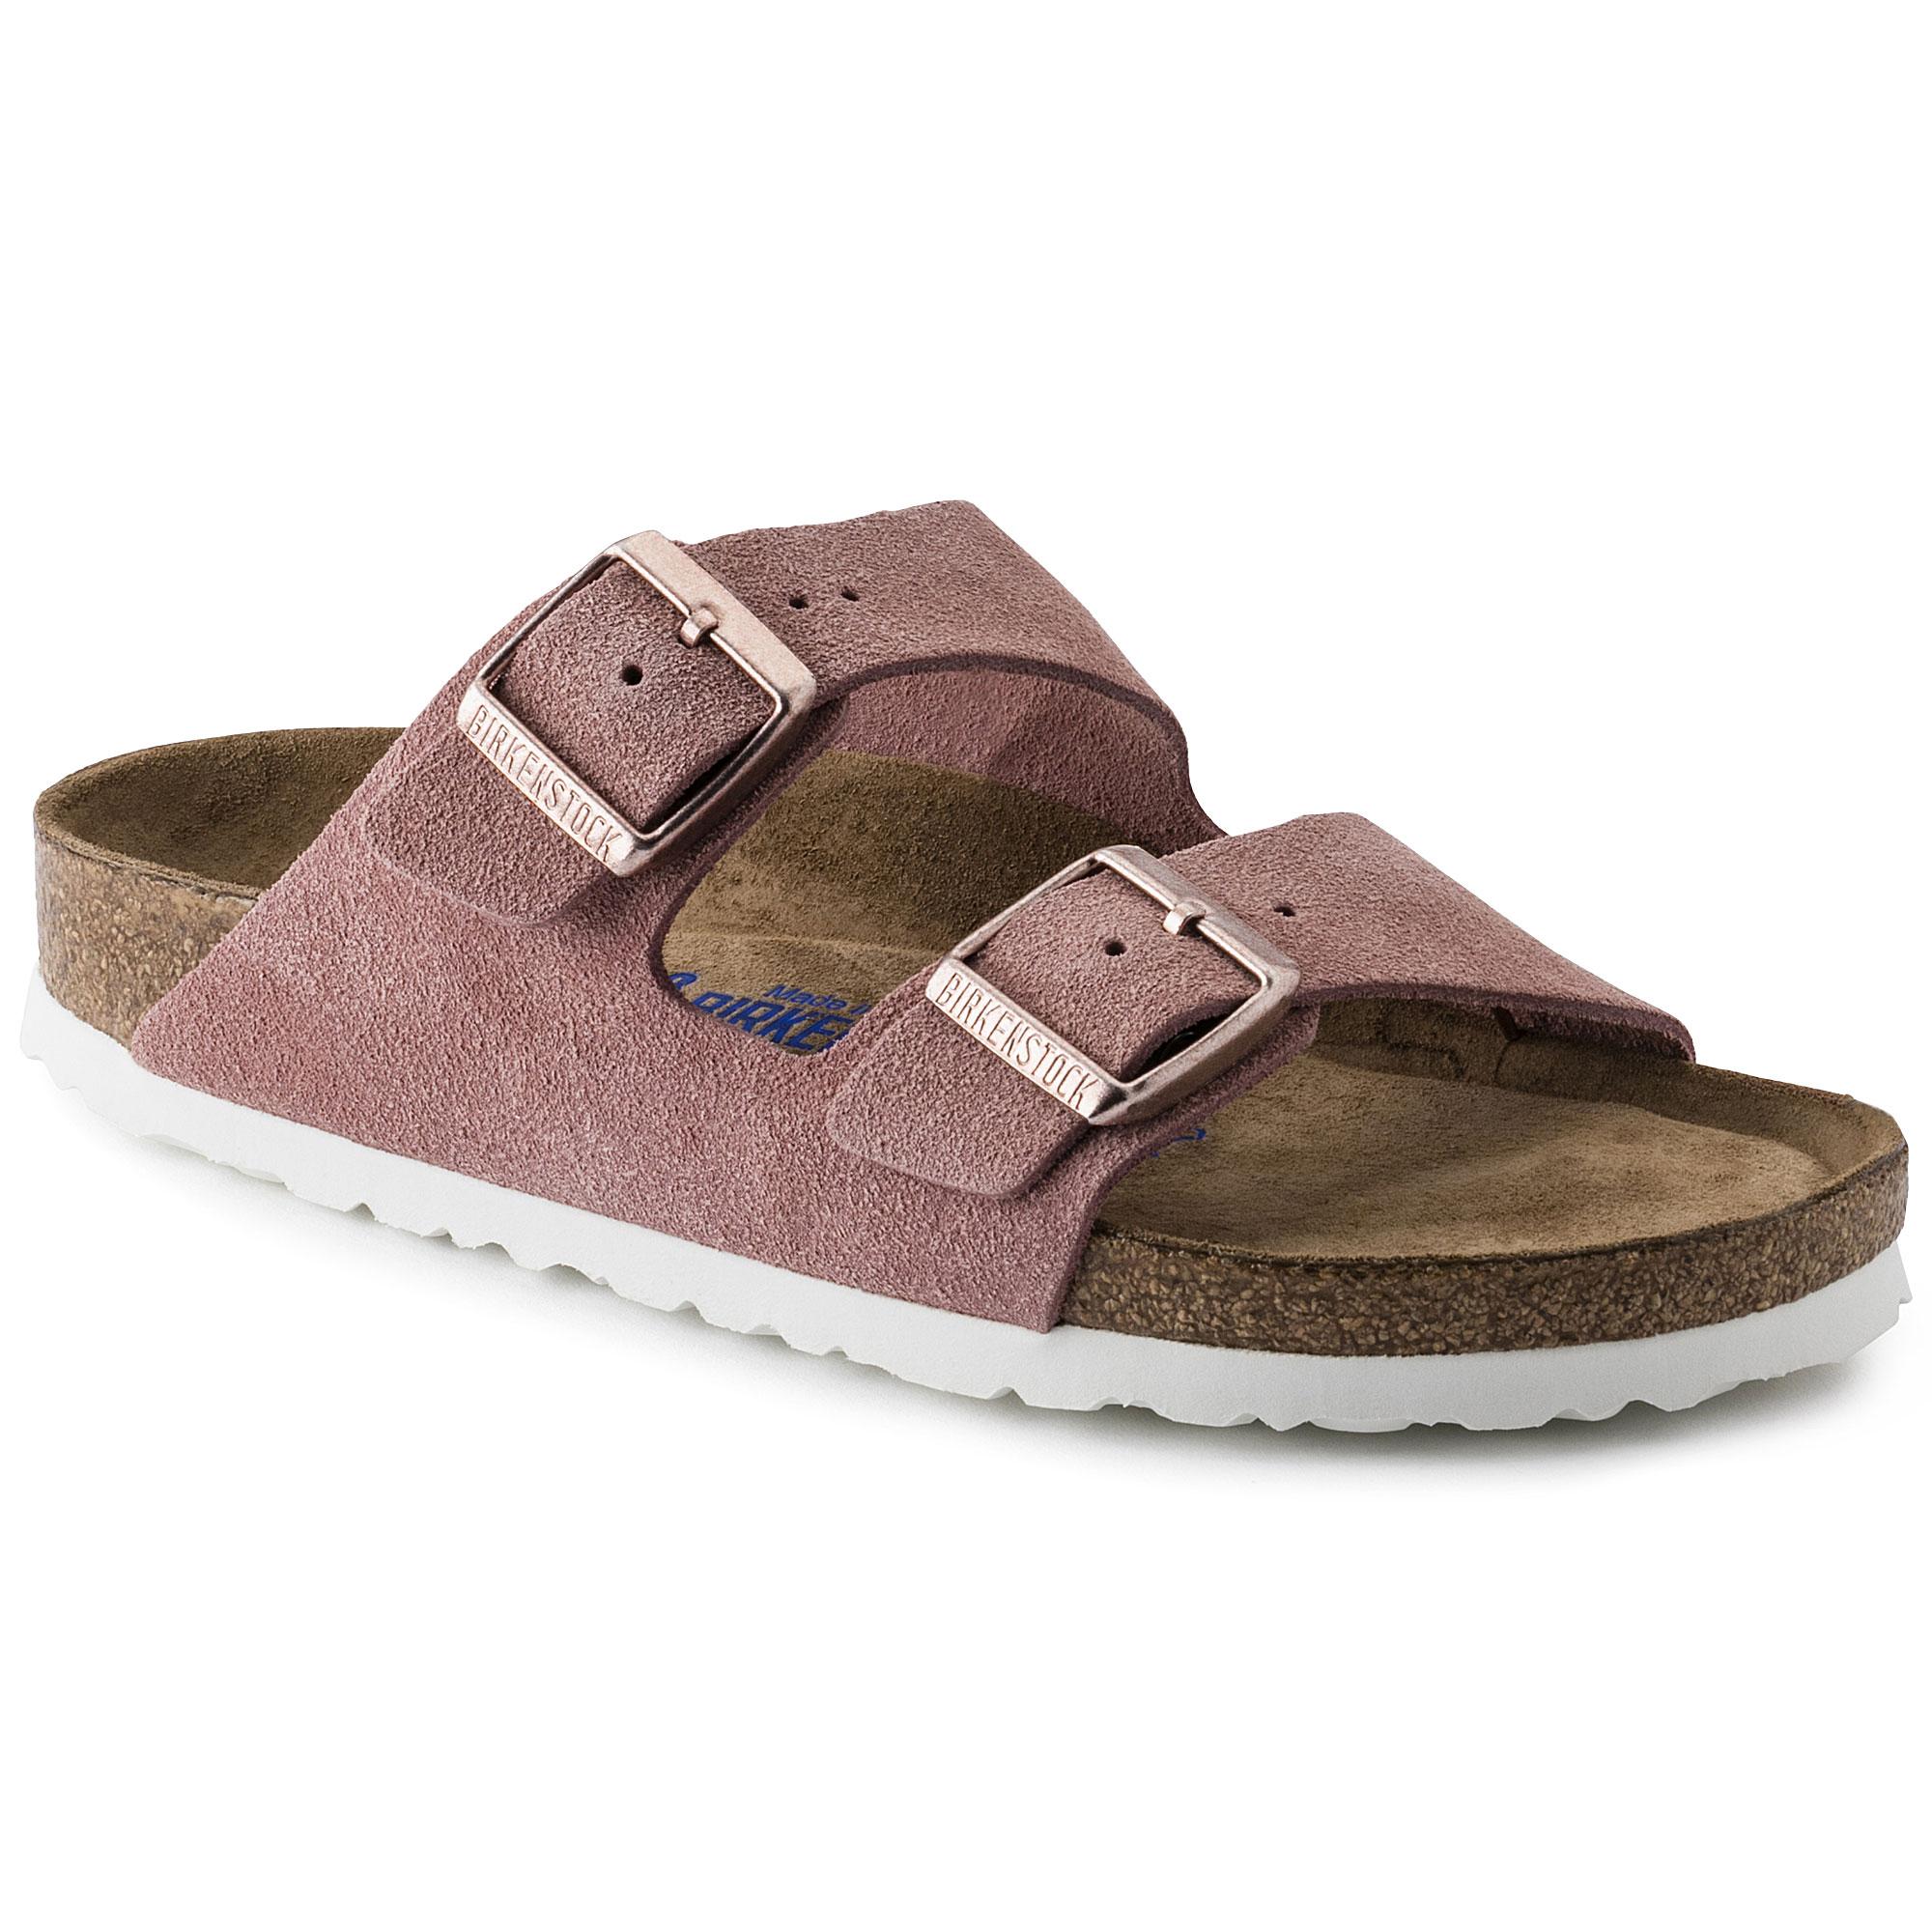 Birkenstock Arizona Soft Footbed Sandals Rose